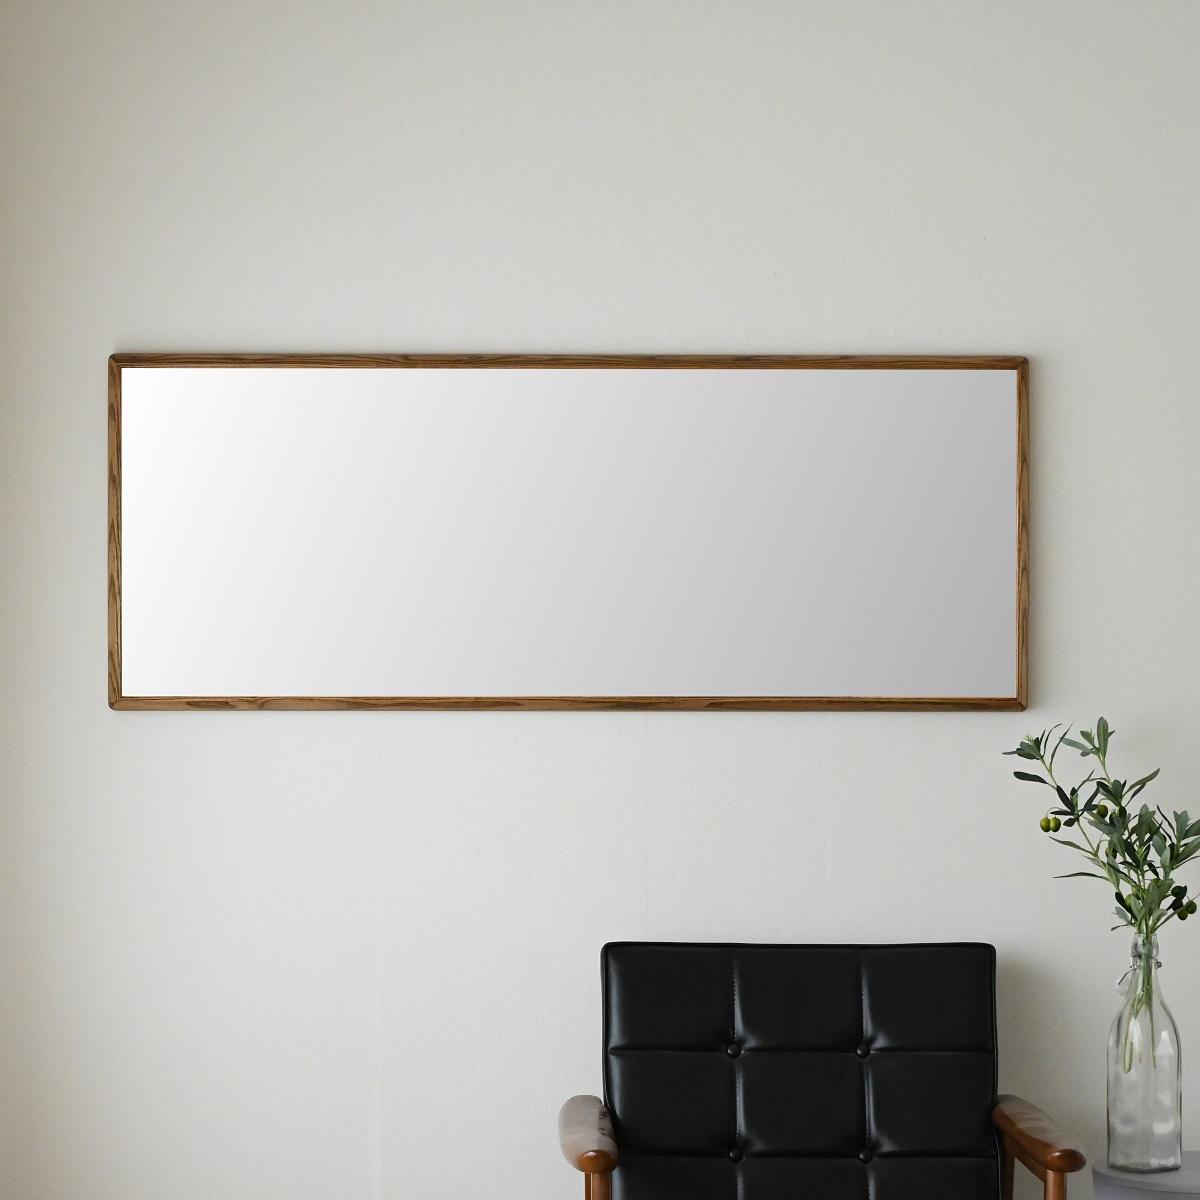 センノキ天然木SENNOKI鏡おしゃれオーダーミラー日本製インスタ全身鏡大型ダンスリブラステラアッシュブラウンウォールナットナチュラル